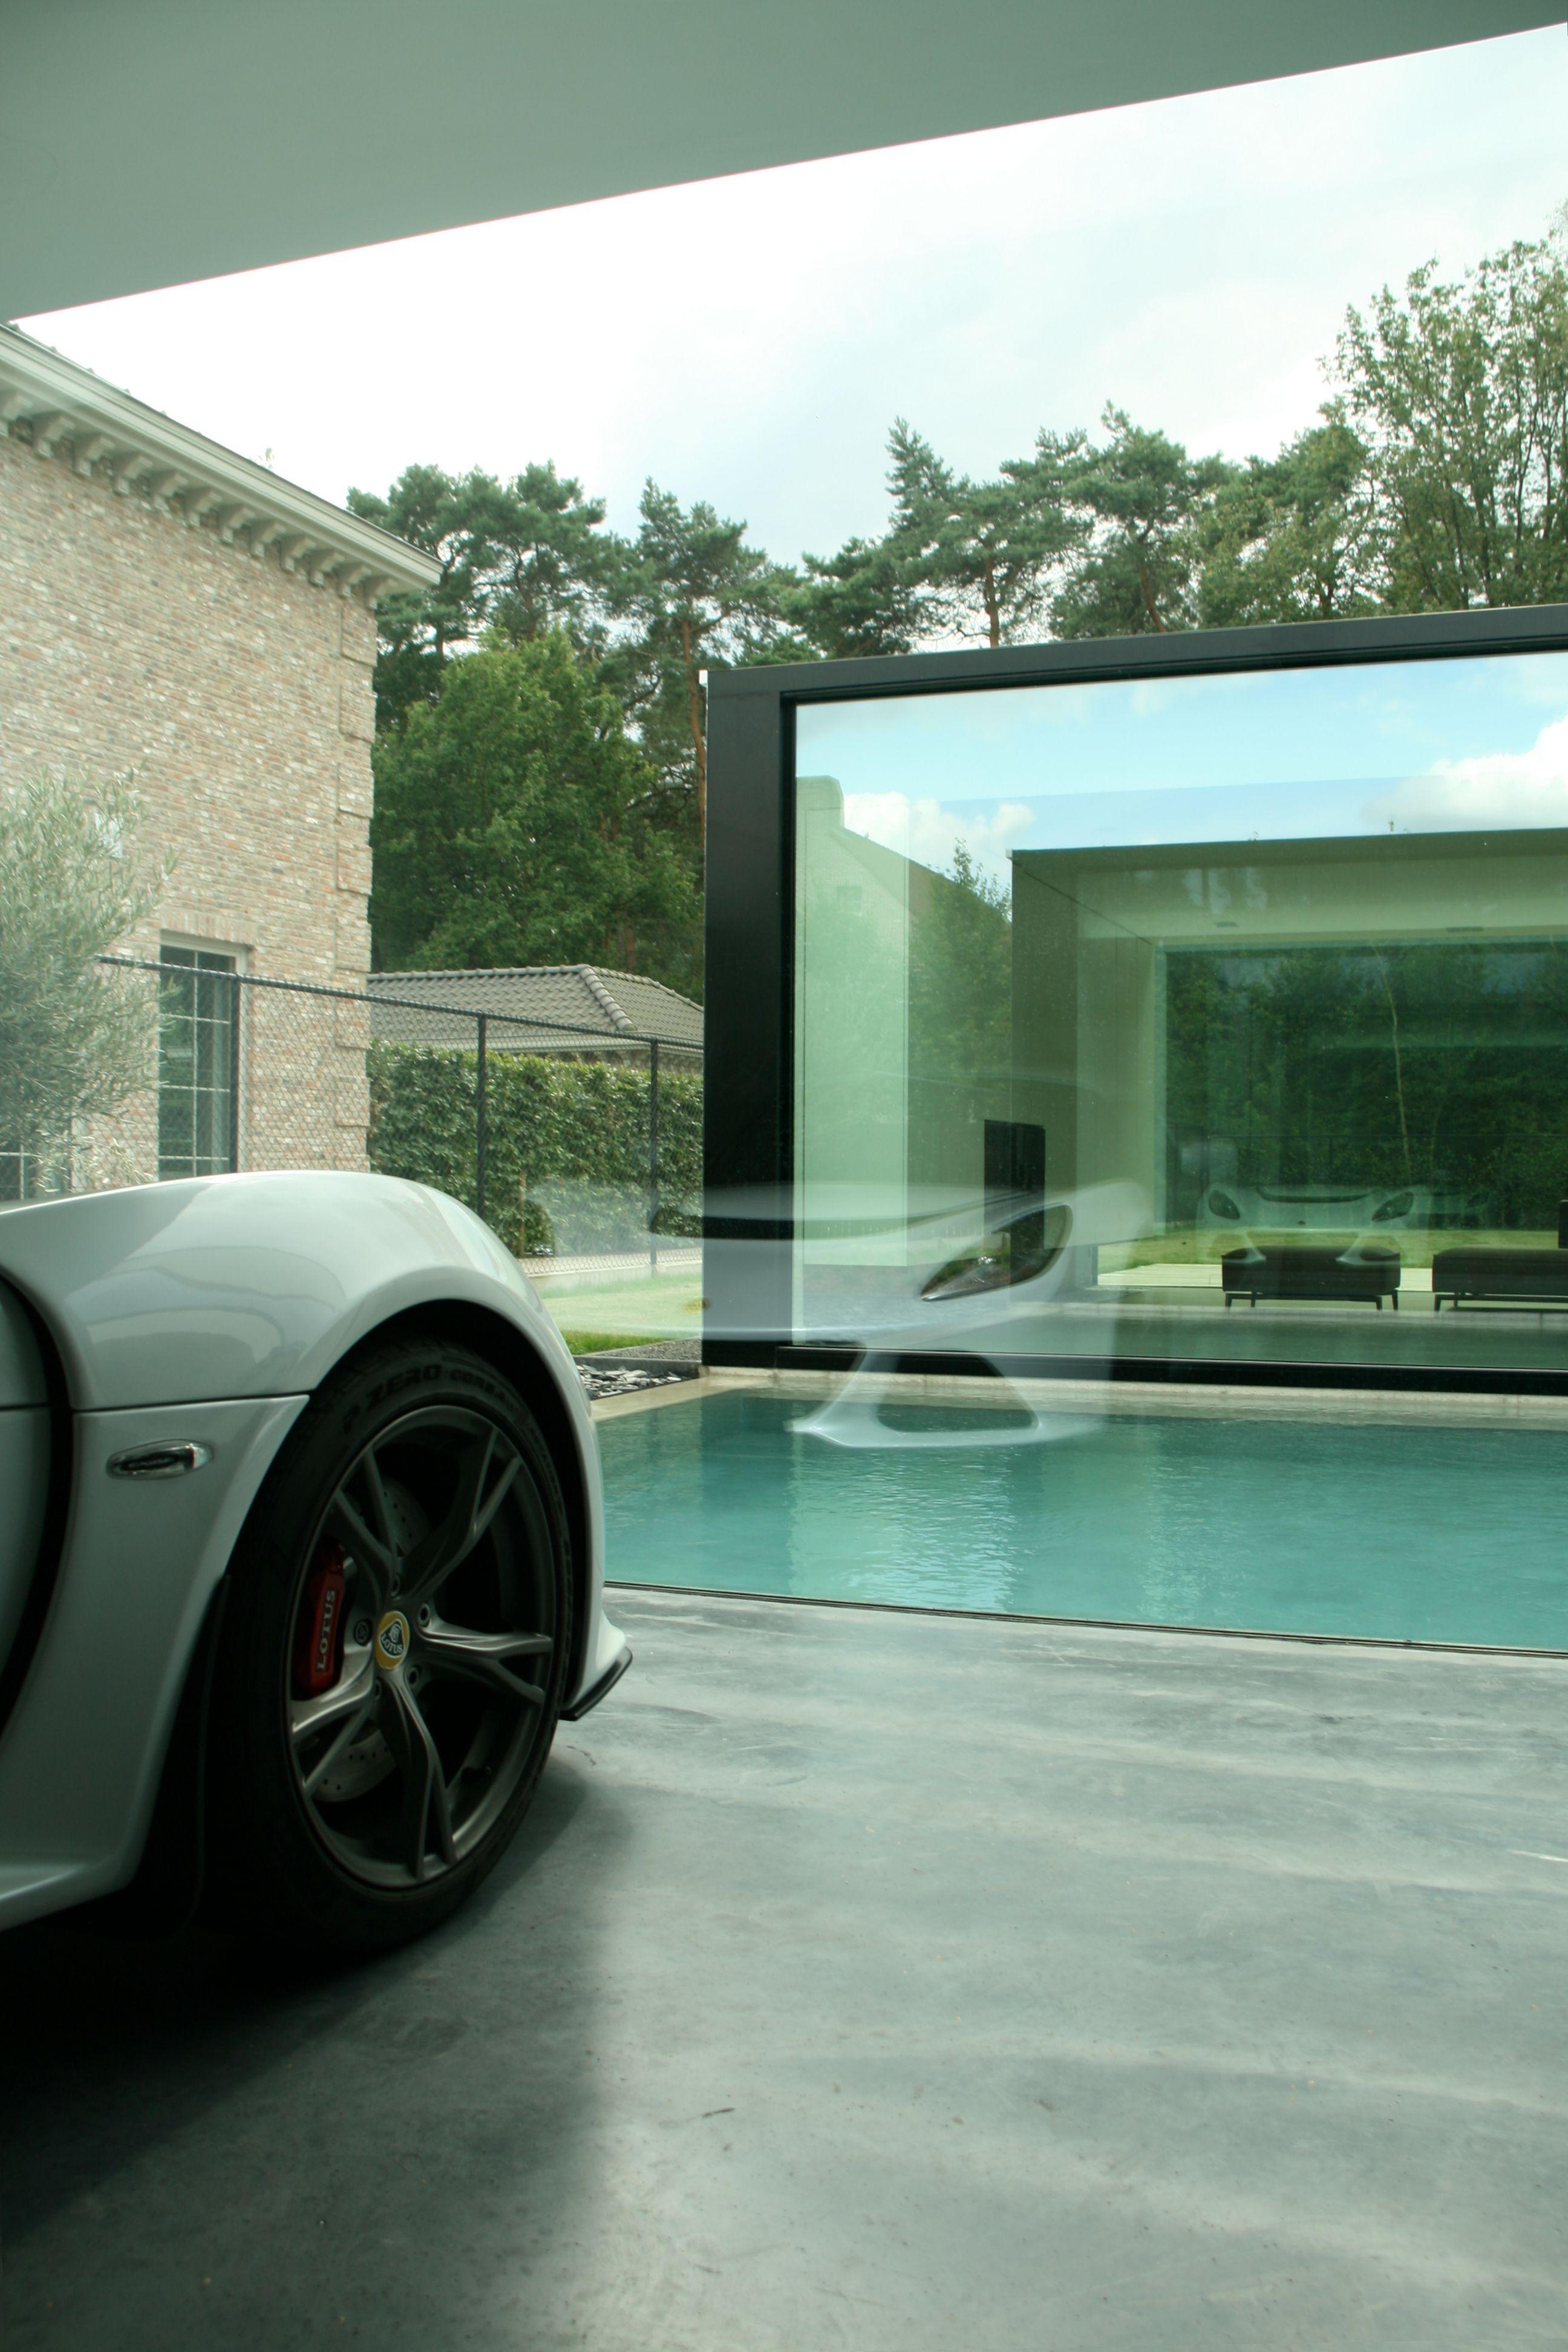 Minimalist Pool And Garage Garaje De Lujo Futura Casa Arquitectura